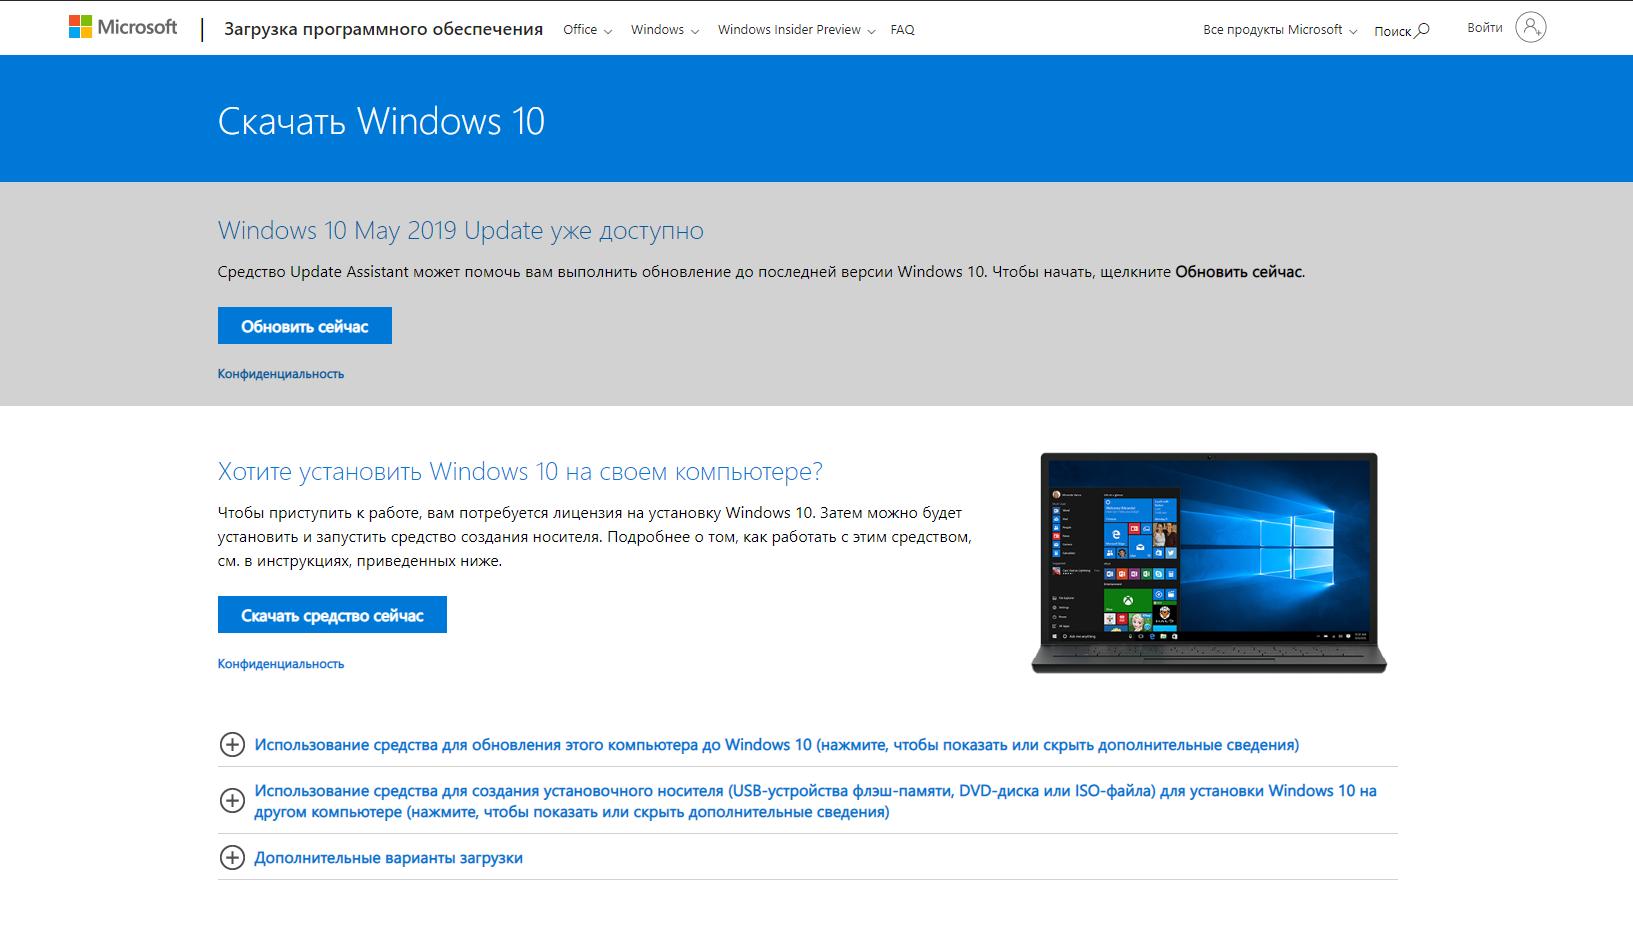 Как обновится до Windows 10 May 2019 Update v1903 используя Windows 10 Update Assistant